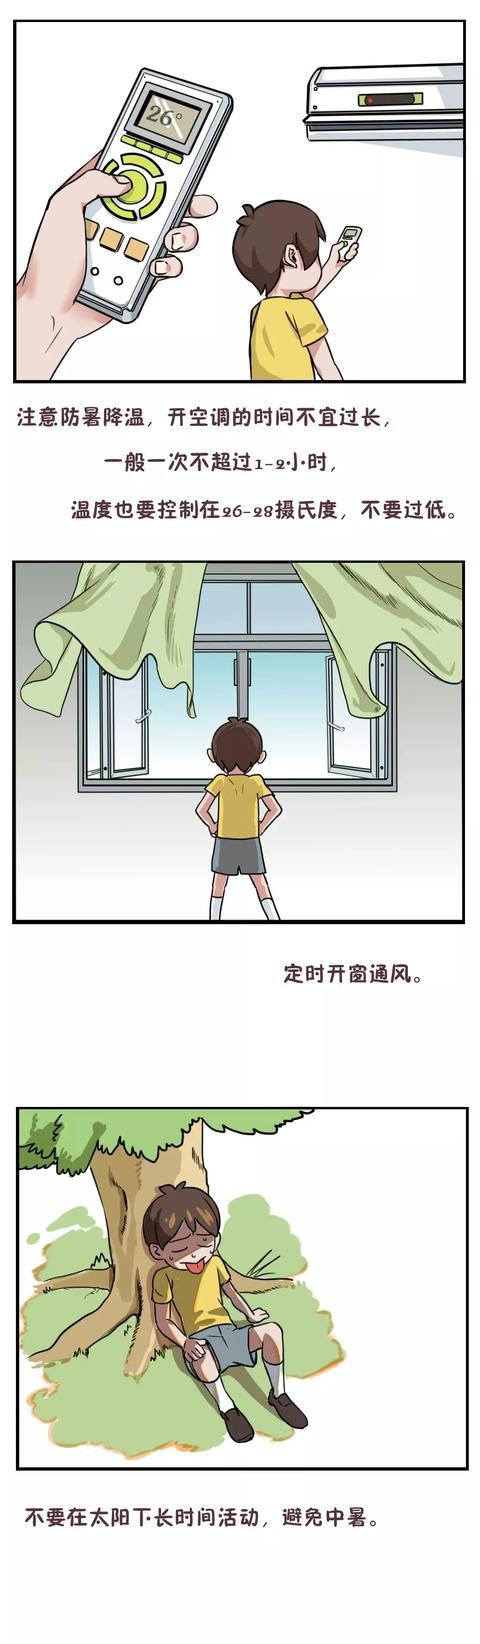 教育部门通知:幼儿园今起放假!这些安全注意事项一定要看